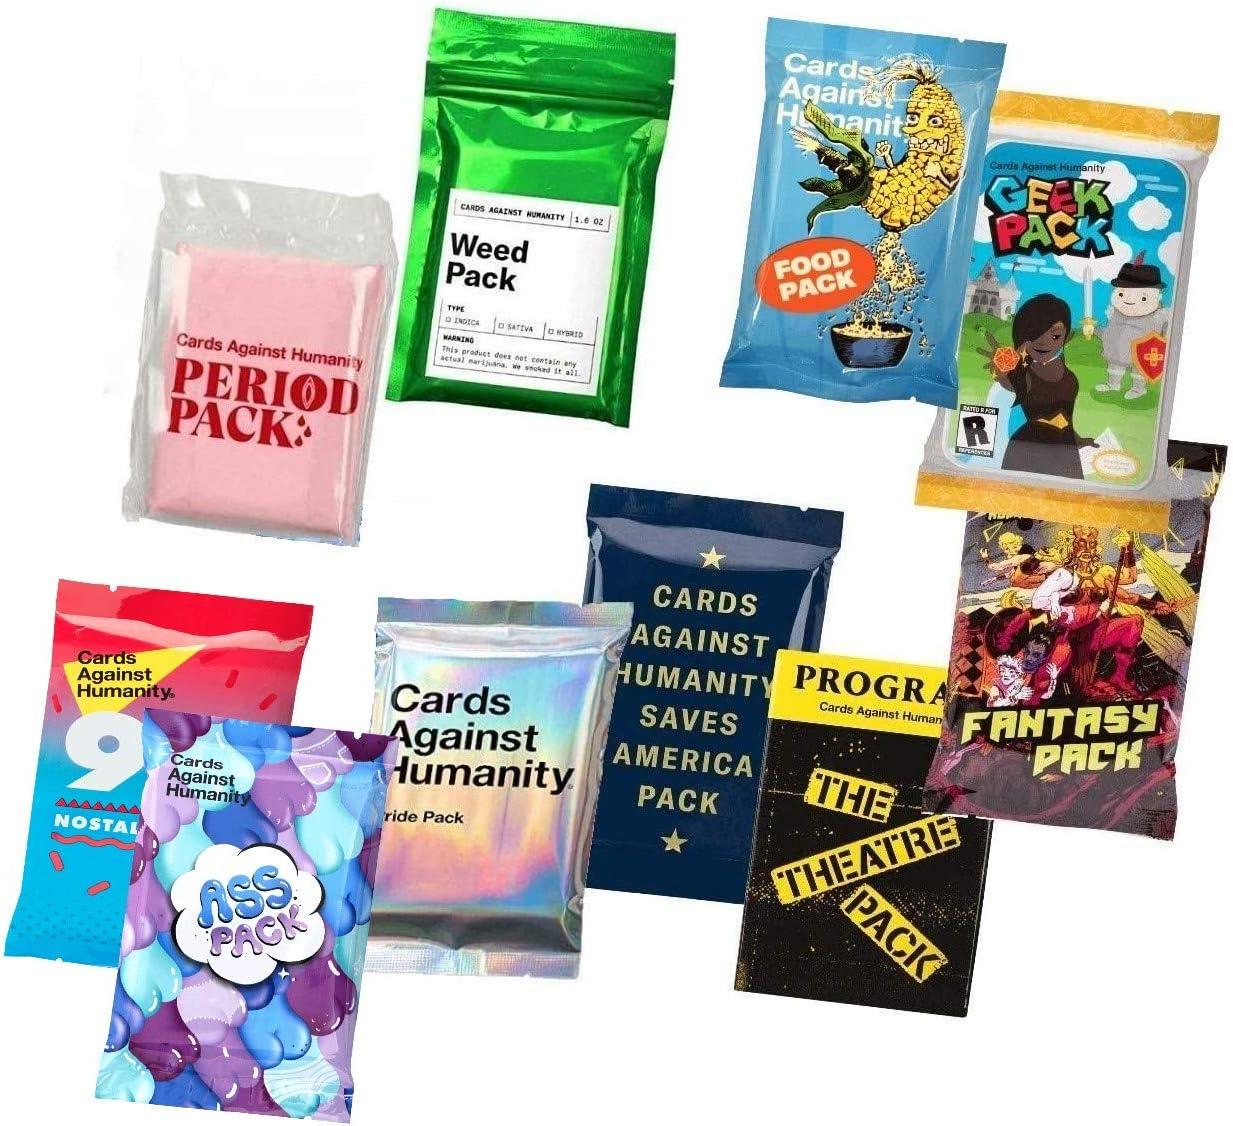 Cards Against Humanity 10 Paquetes de maleza y periodo & Pride & Food & Judío & Save America & Theatre & Fantasy & Geek & 90 Nostalgia: Amazon.es: Juguetes y juegos